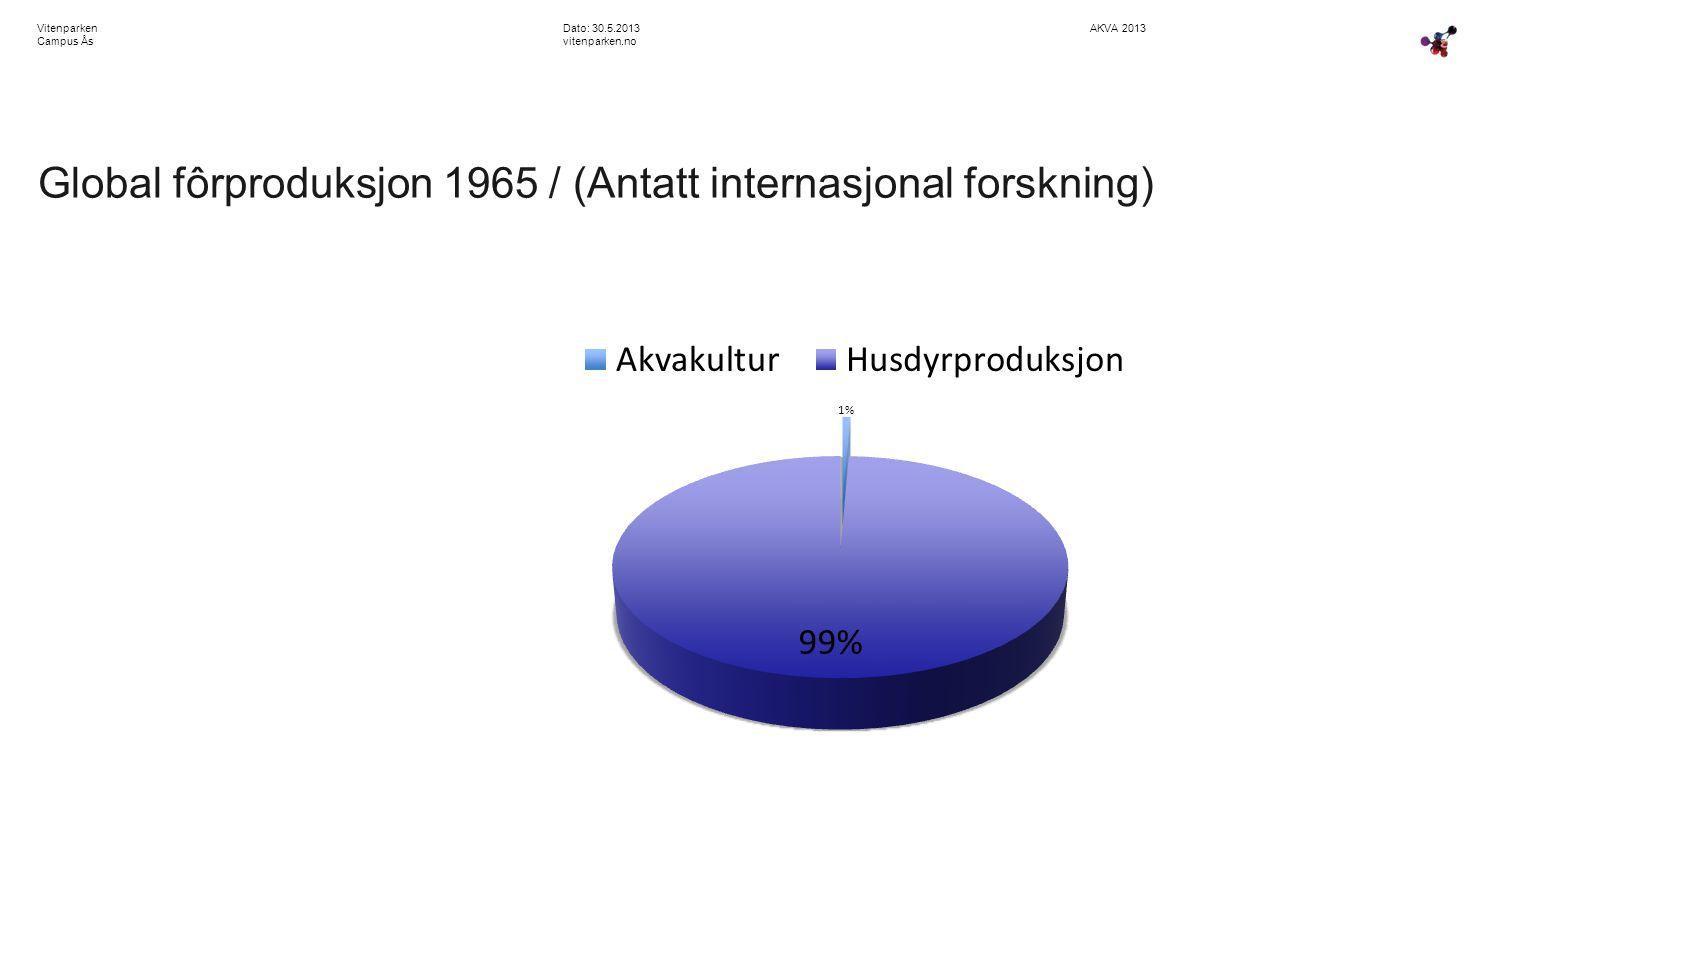 AKVA 2013Dato: 30.5.2013 vitenparken.no Vitenparken Campus Ås Global fôrproduksjon 1965 / (Antatt internasjonal forskning)